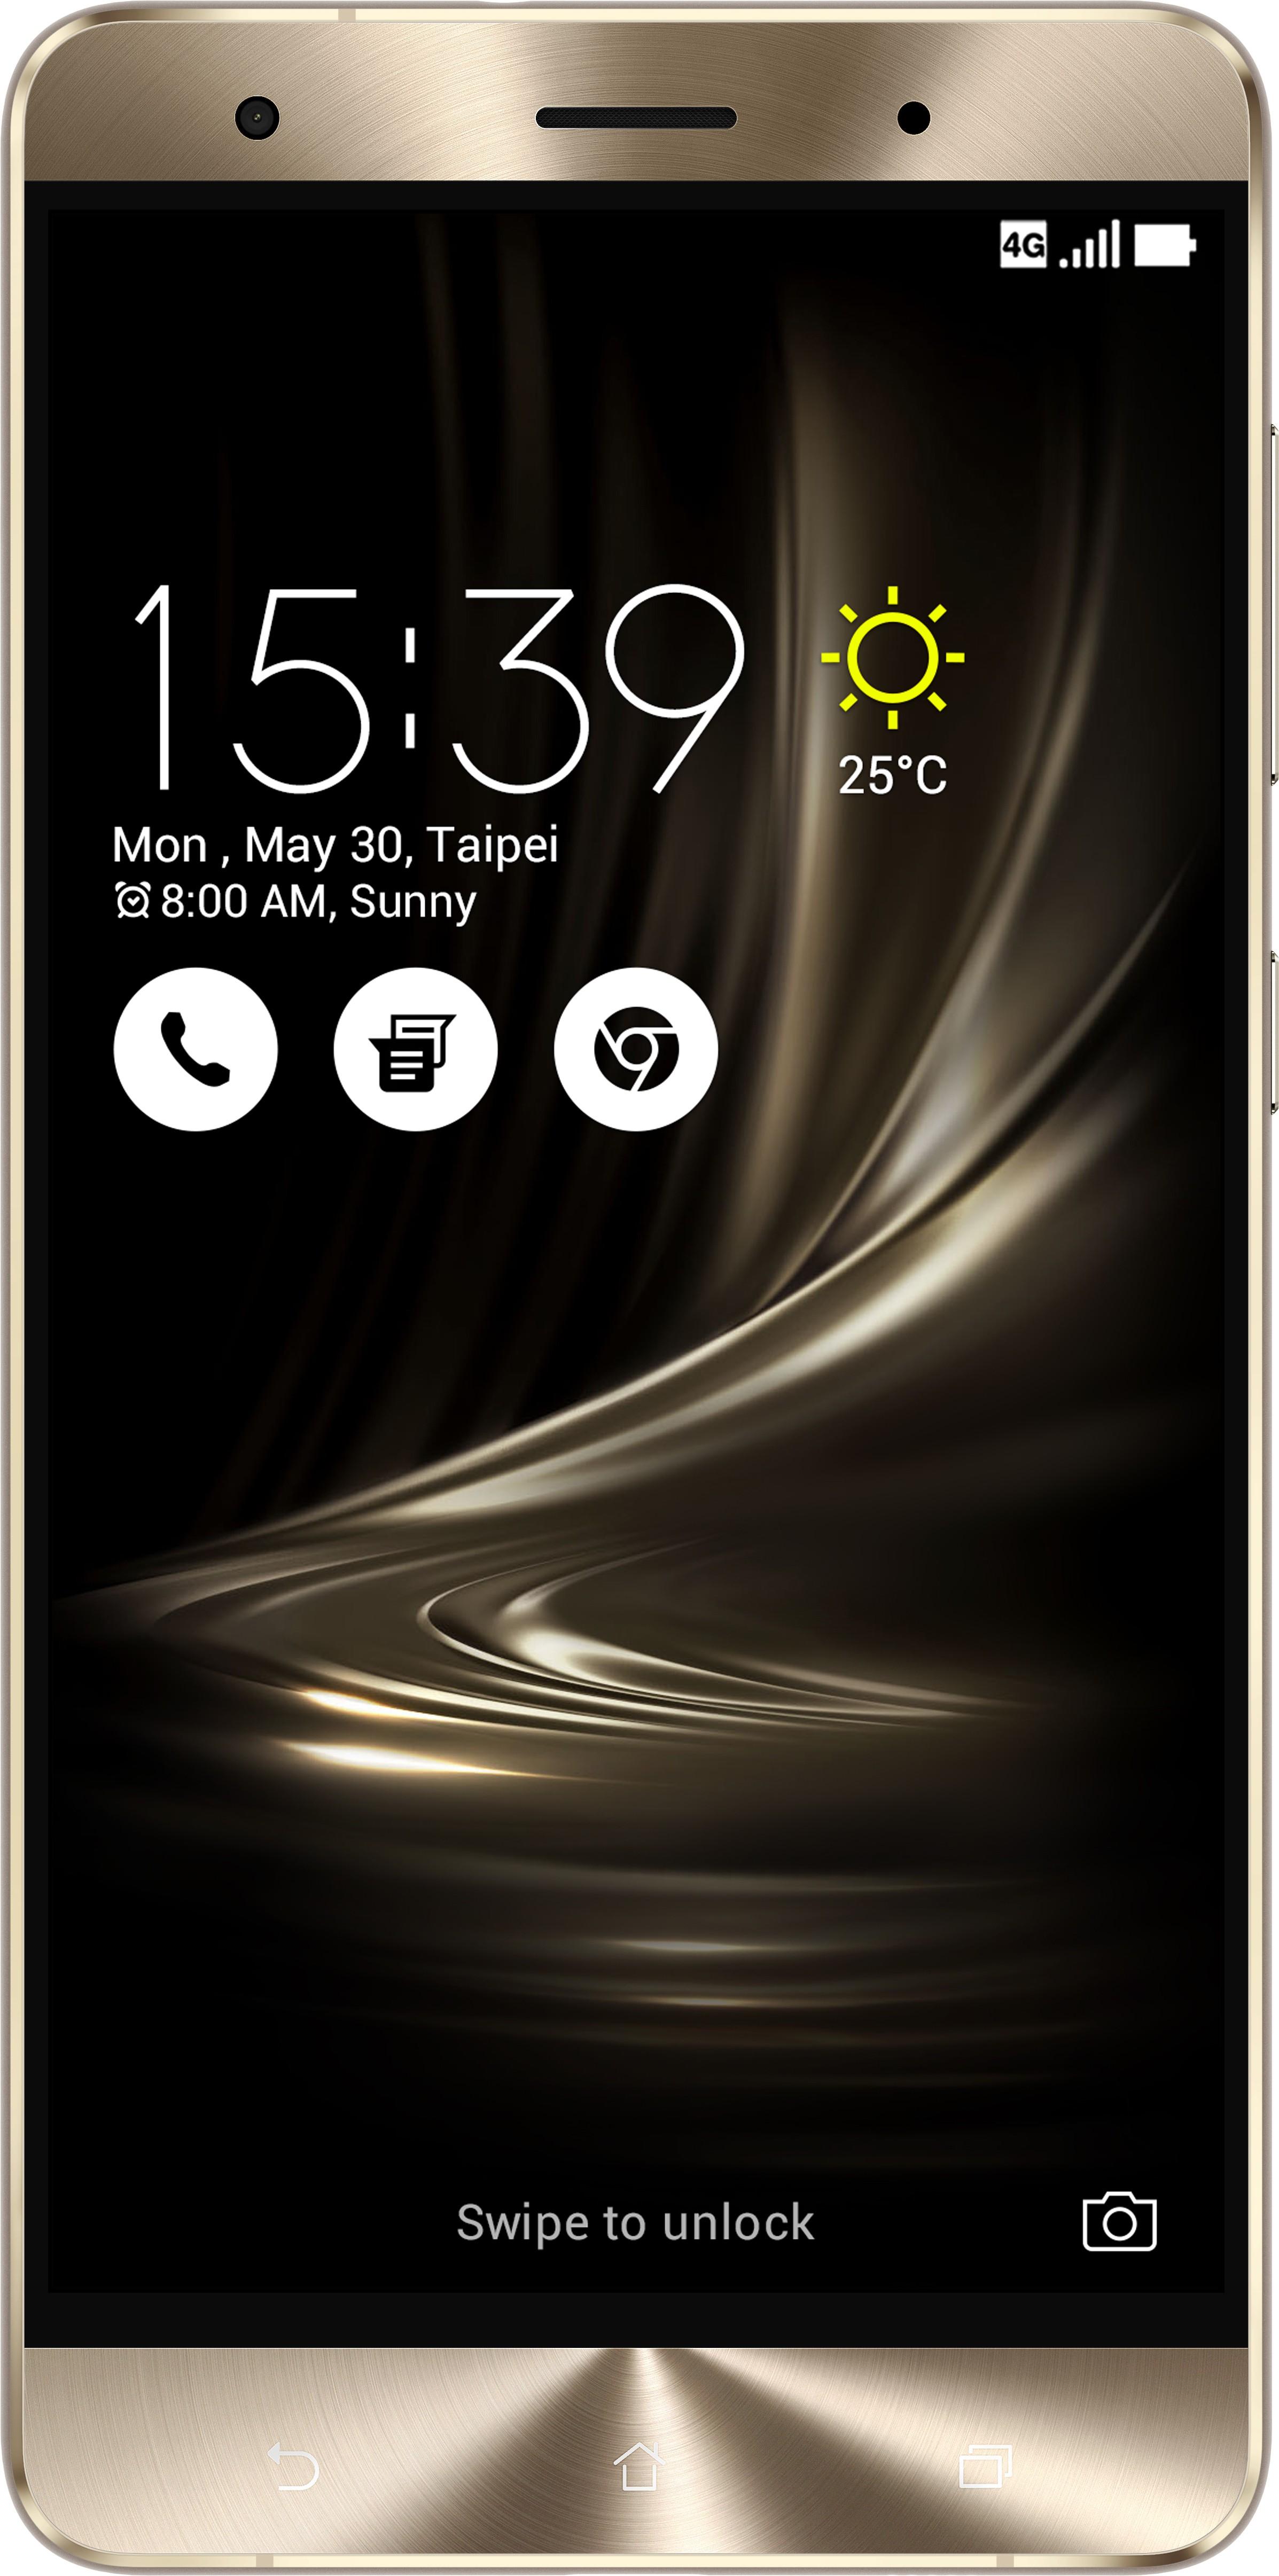 Asus Zenfone 3 Deluxe (6GB RAM, 256GB)